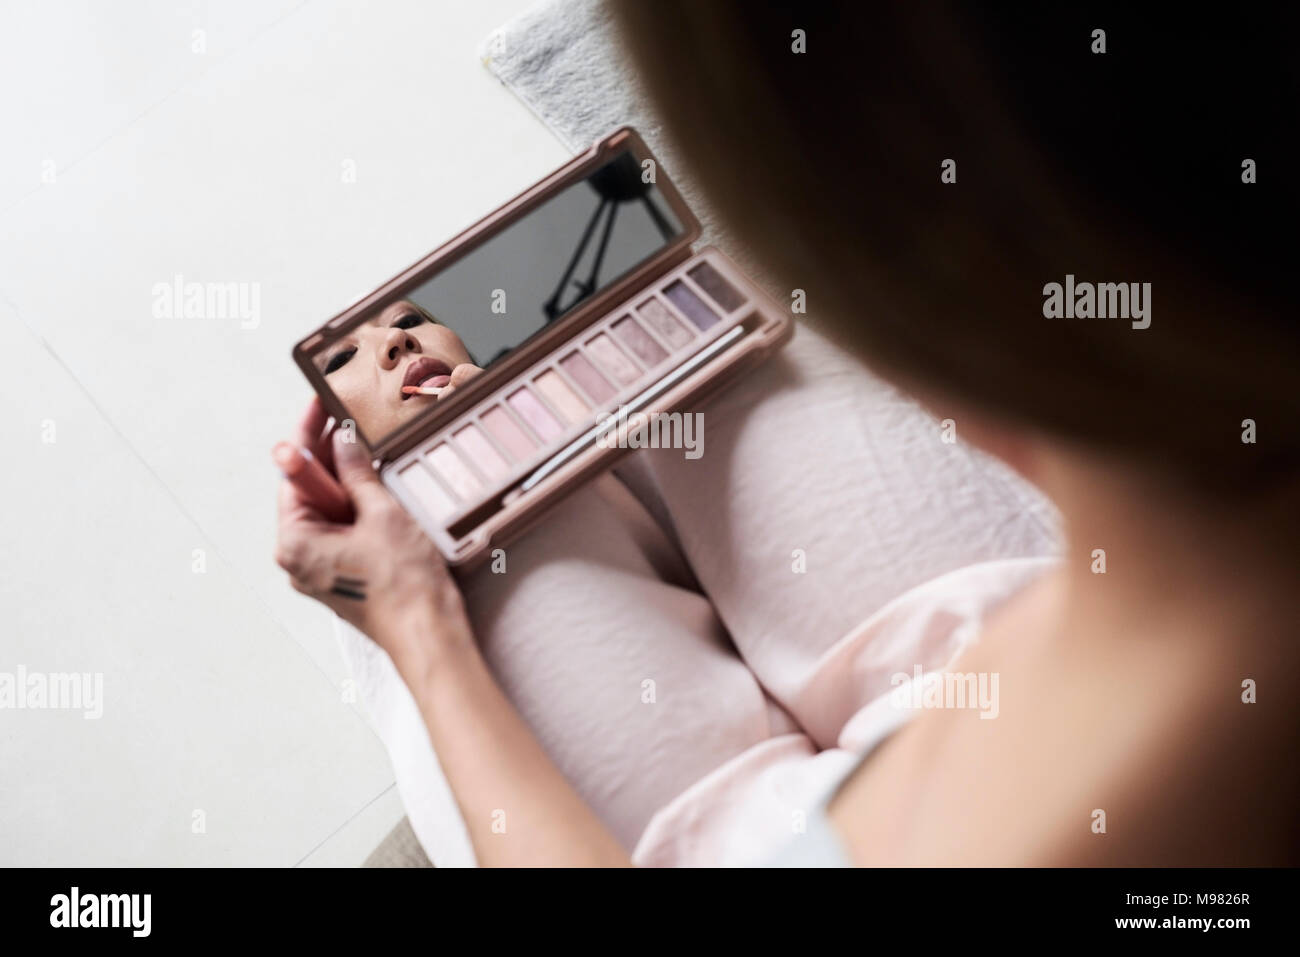 Donna con specchio a mano il rossetto Immagini Stock